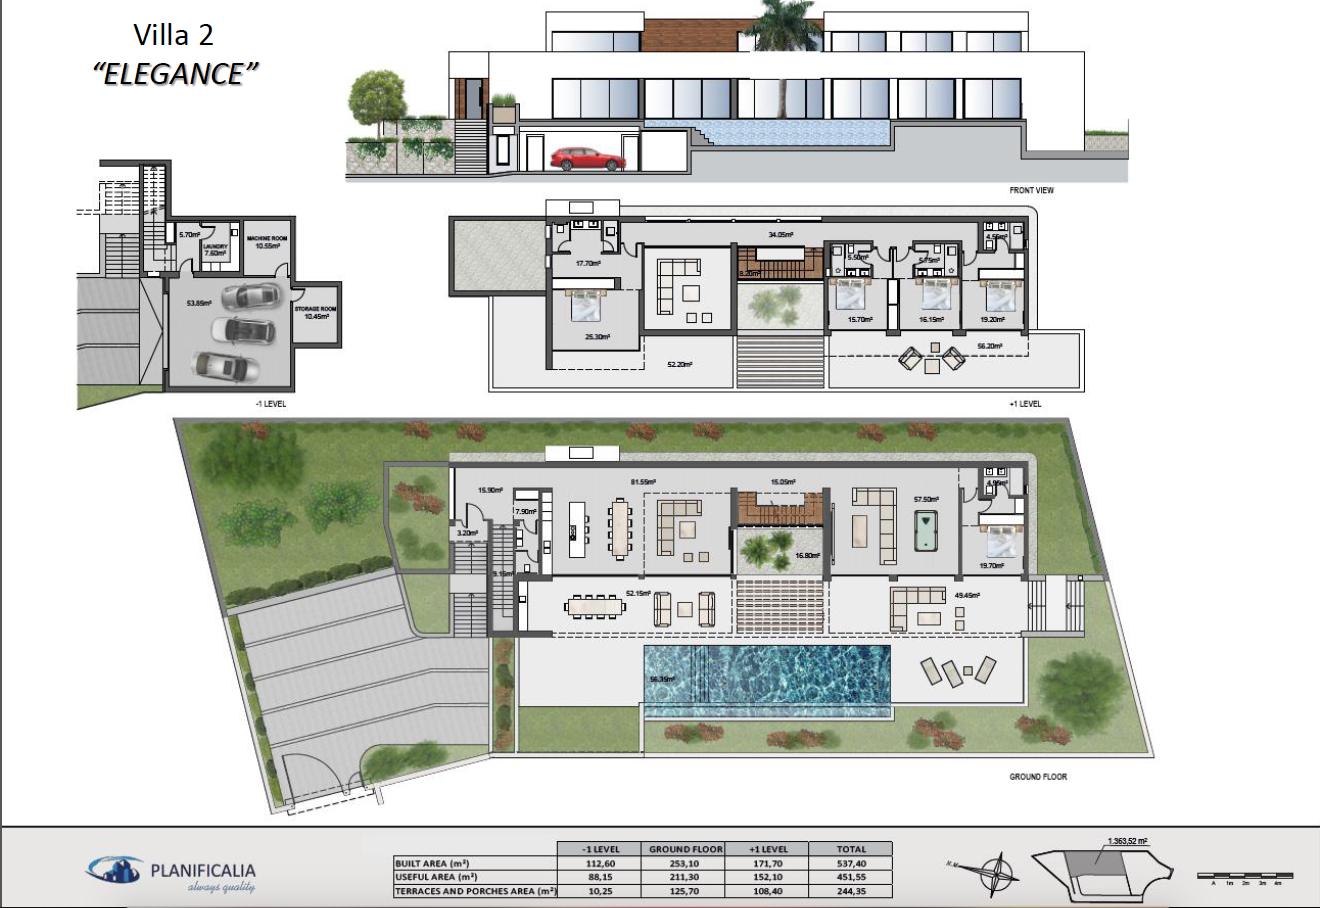 lux alcuzcuz benahavis la reserva moderne nieuwbouw villa te koop zeezicht privacy nieuw design zwembad elegance grondplan